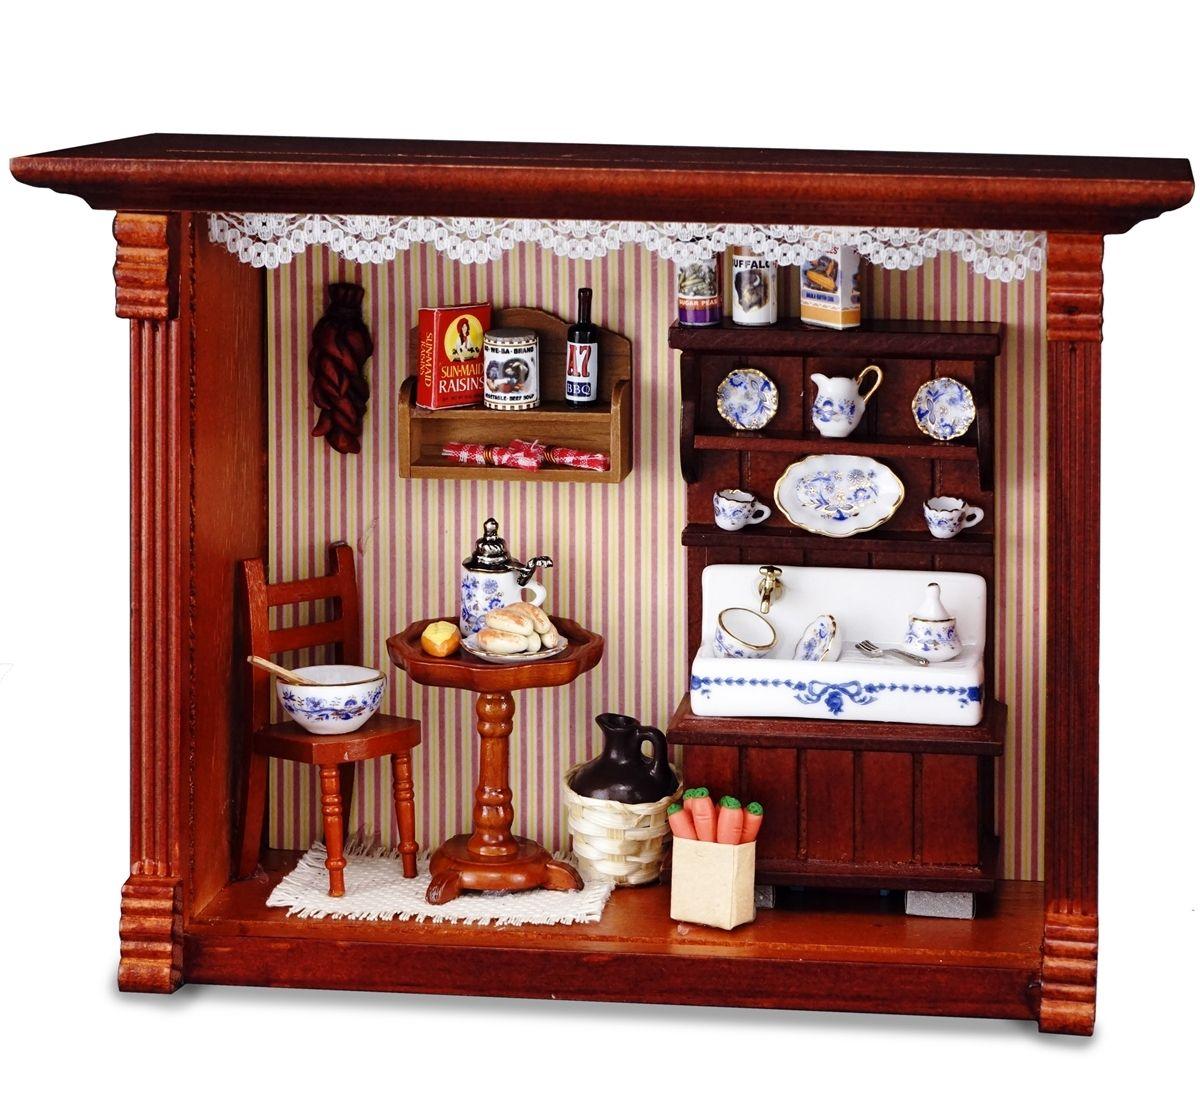 reutter porzellan miniaturen wandbild abwaschtisch k che. Black Bedroom Furniture Sets. Home Design Ideas